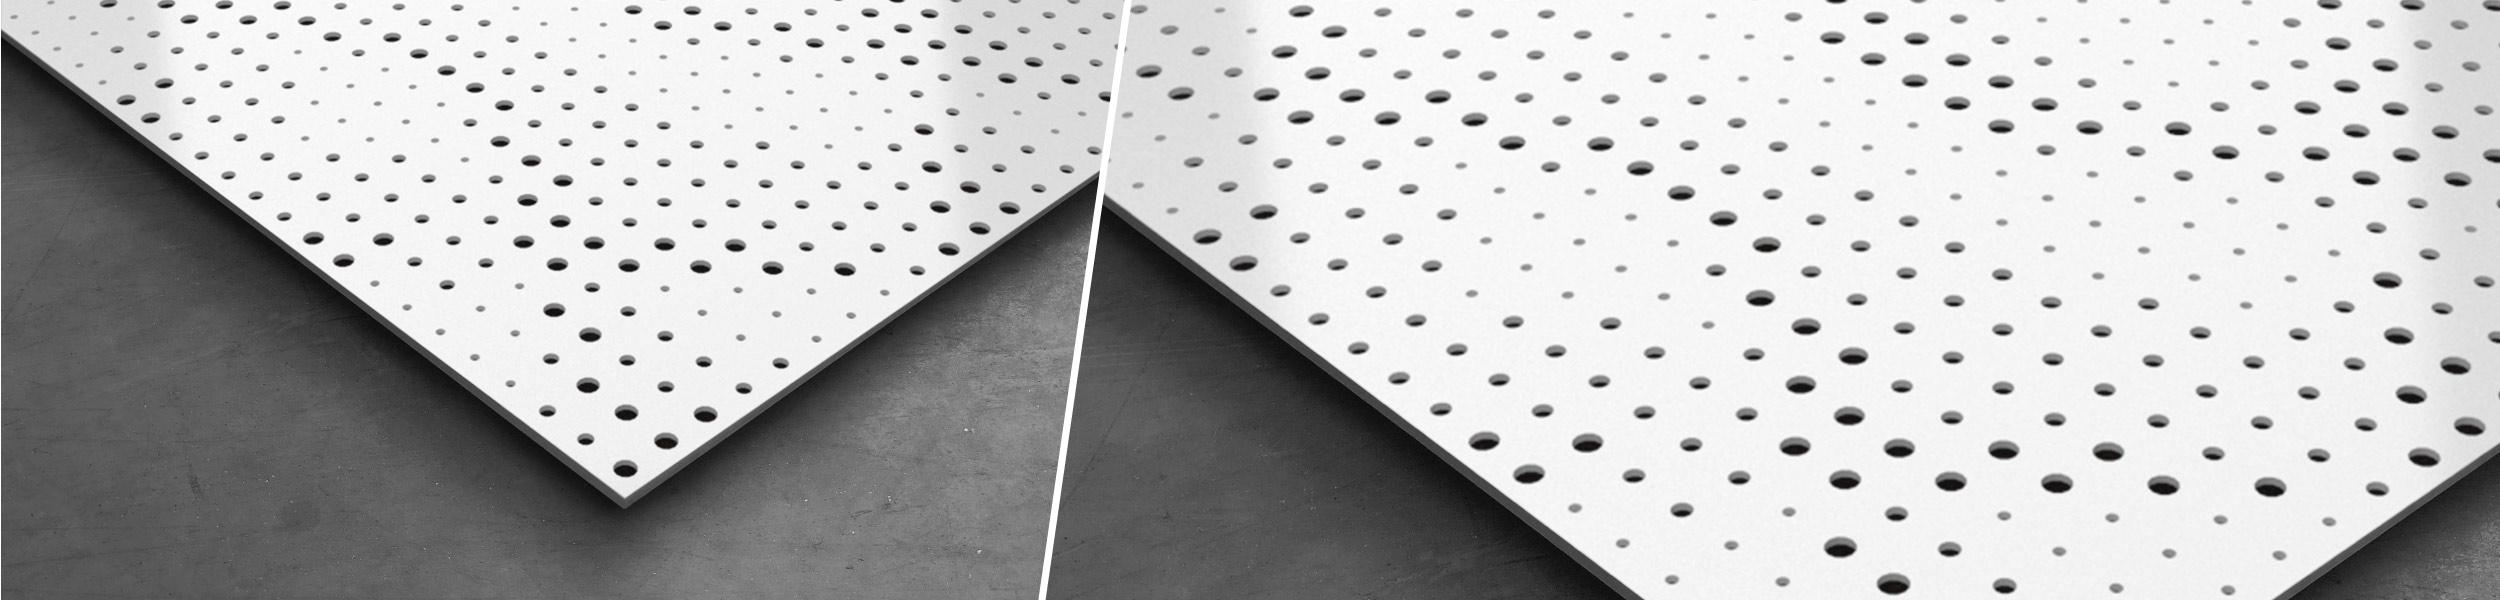 Artnovion product verona w ae surface 2d90ad695e